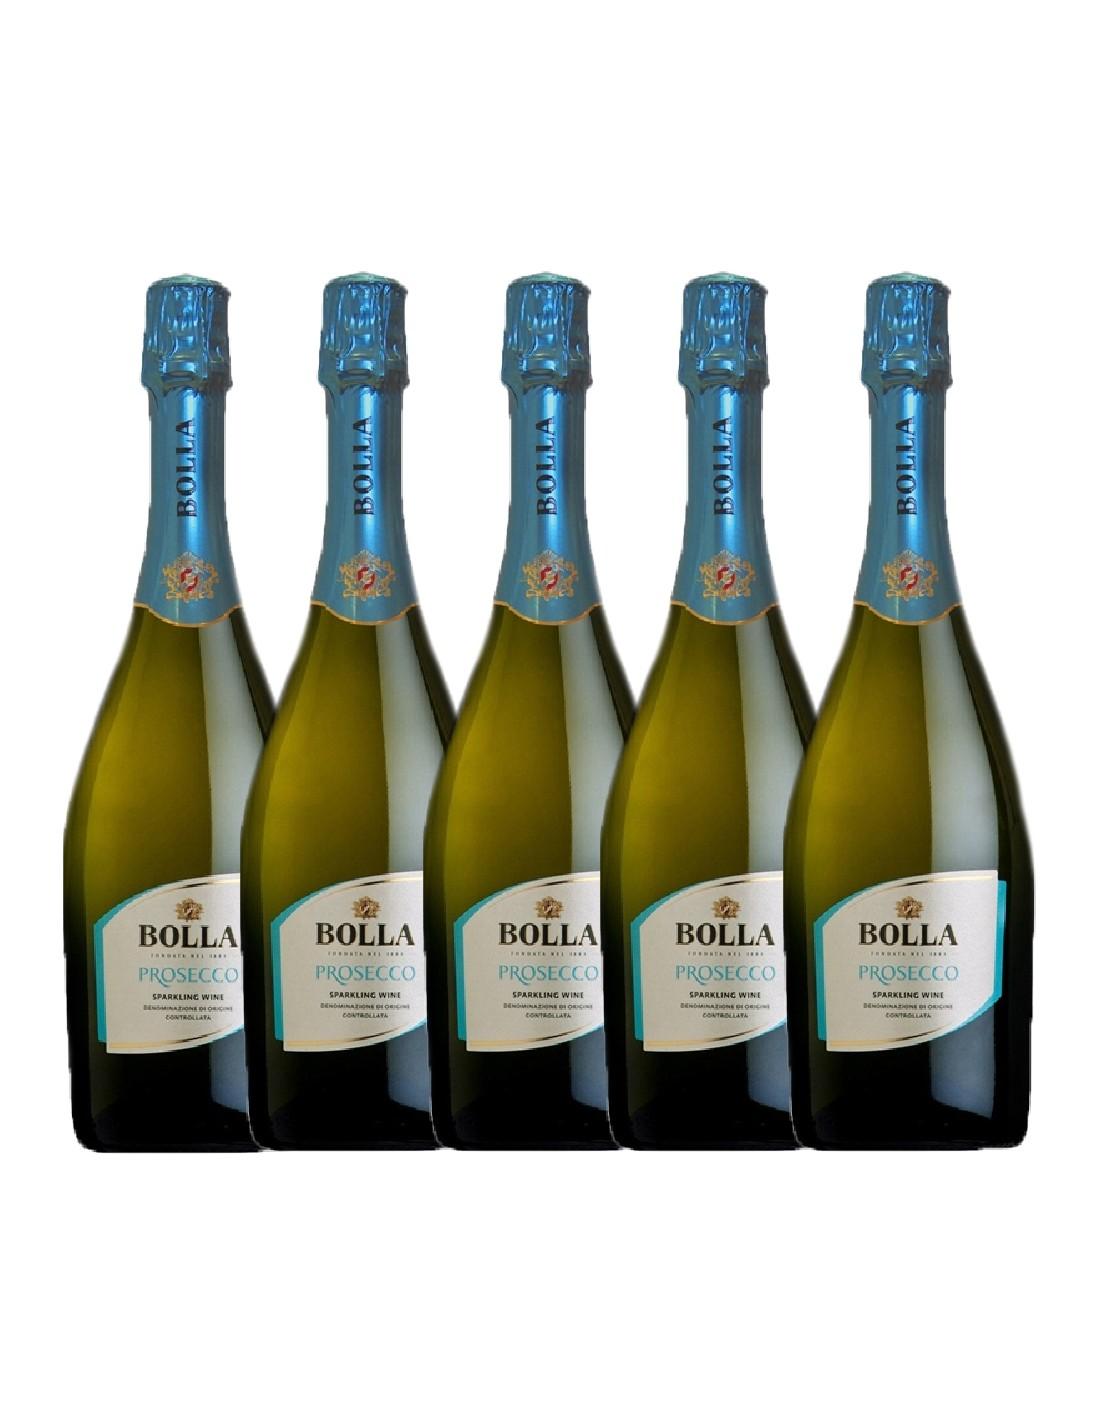 Pachet 5 sticle Vin prosecco alb sec Bolla Veneto, 0.75L, 11% alc., Italia